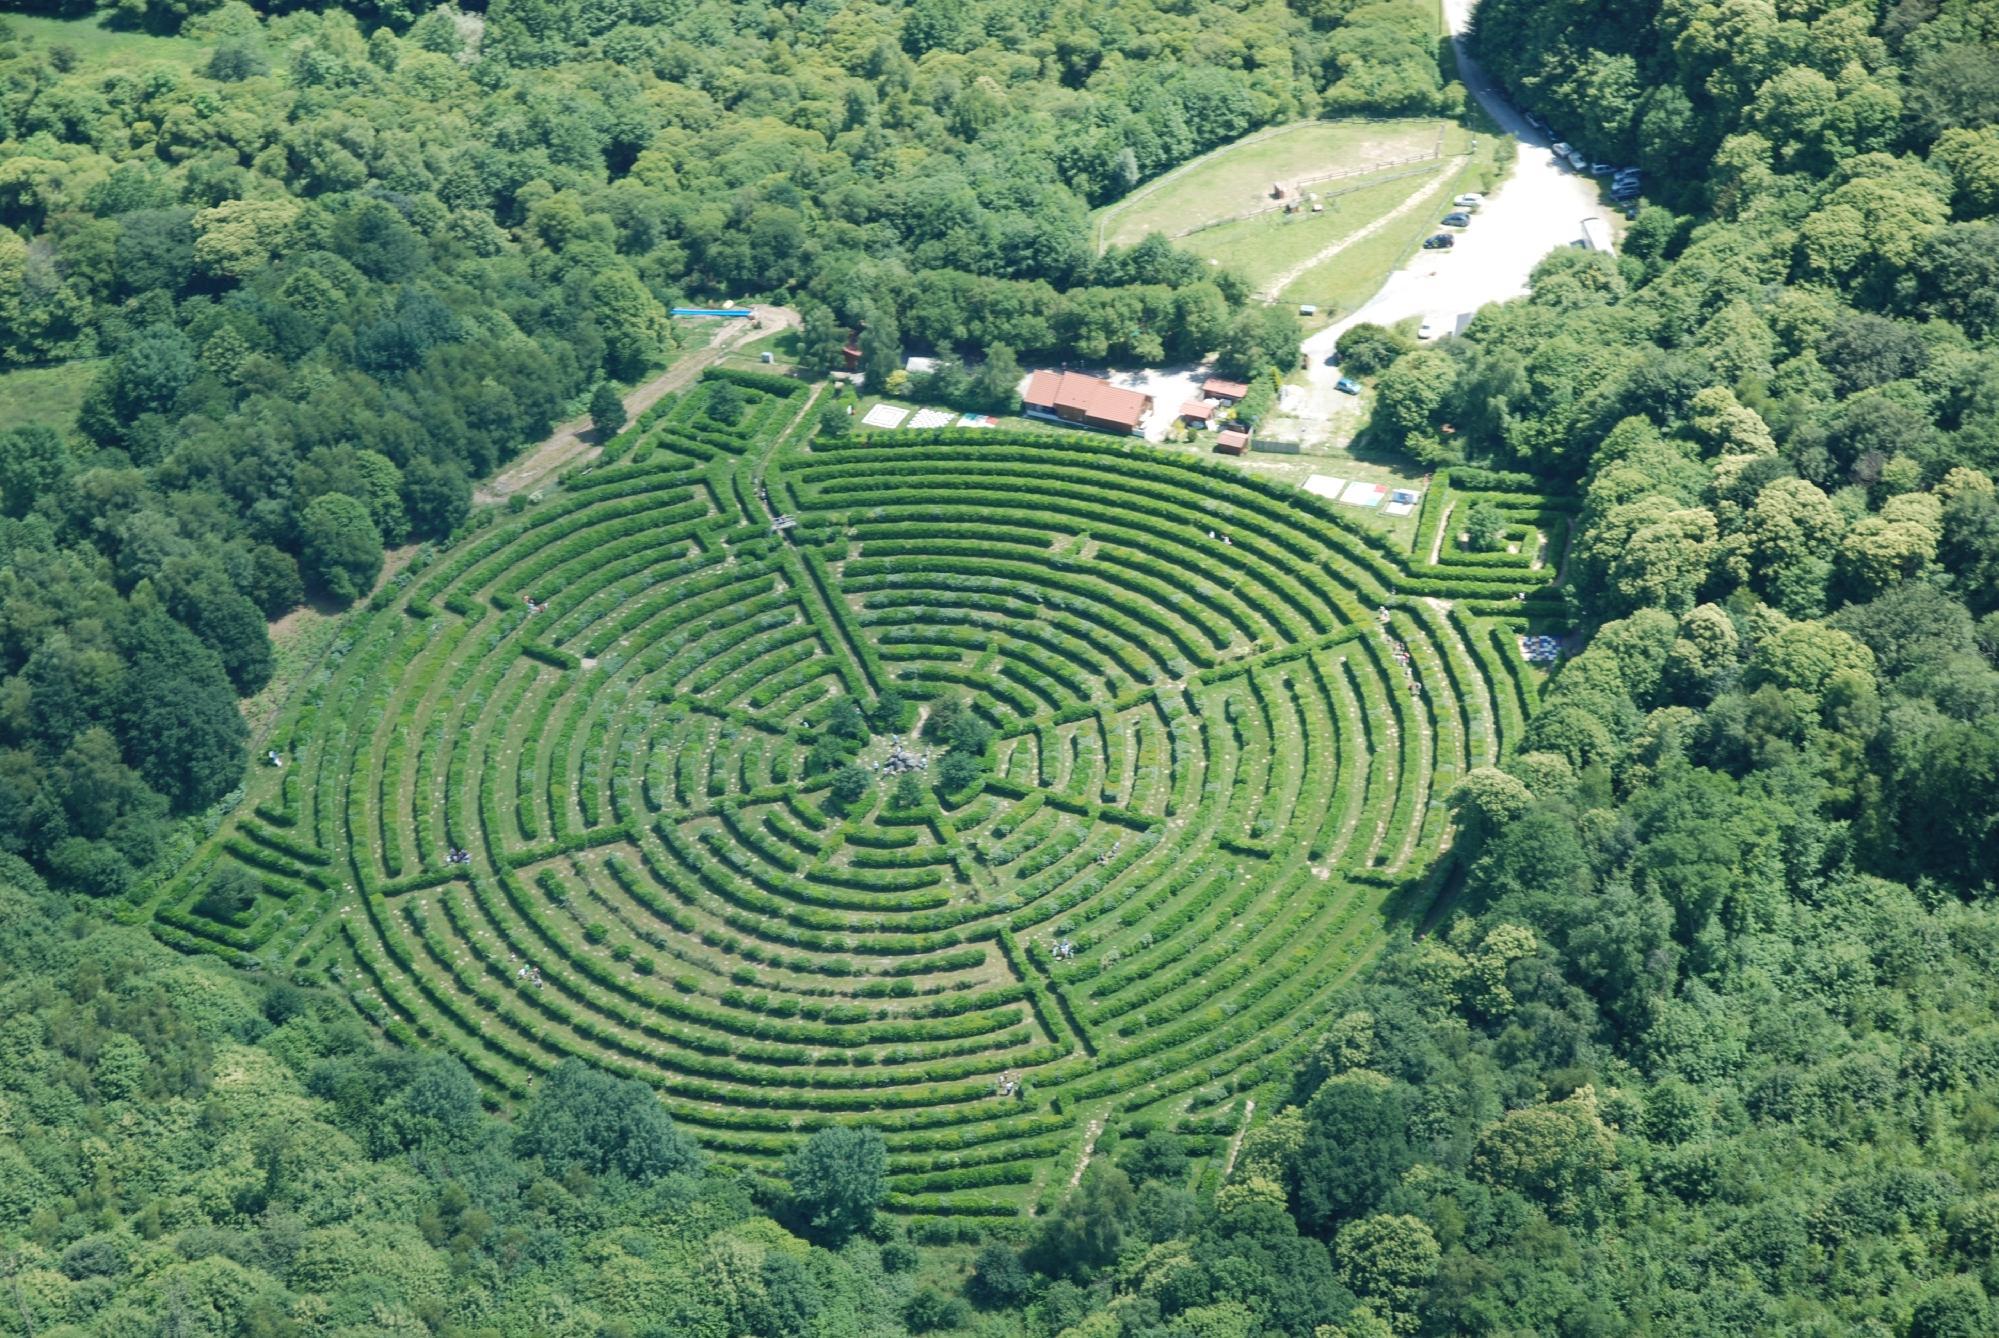 2142-labyrinthe-geant-monts-de-gueret-creuse.jpg